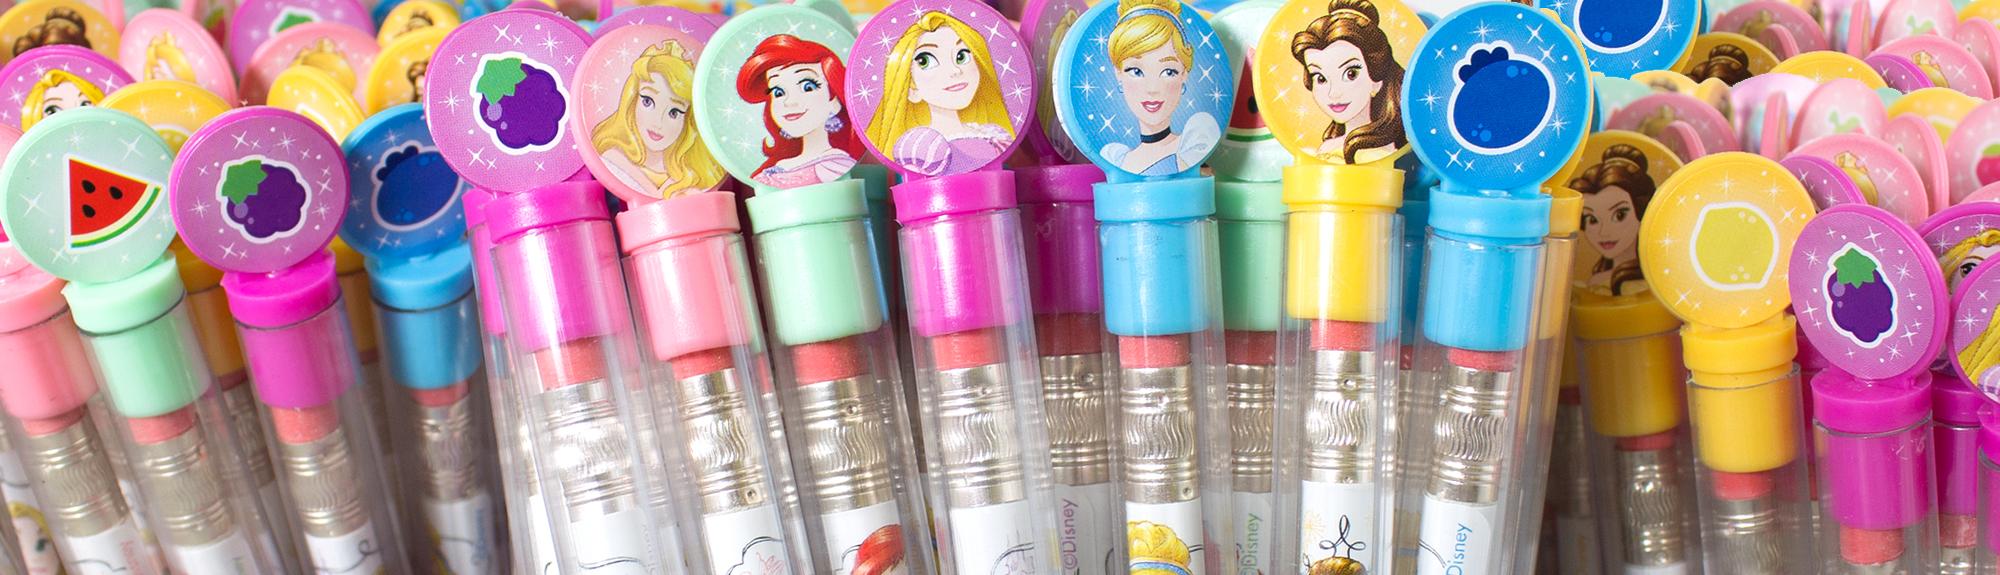 Disney Princess: Smencils header